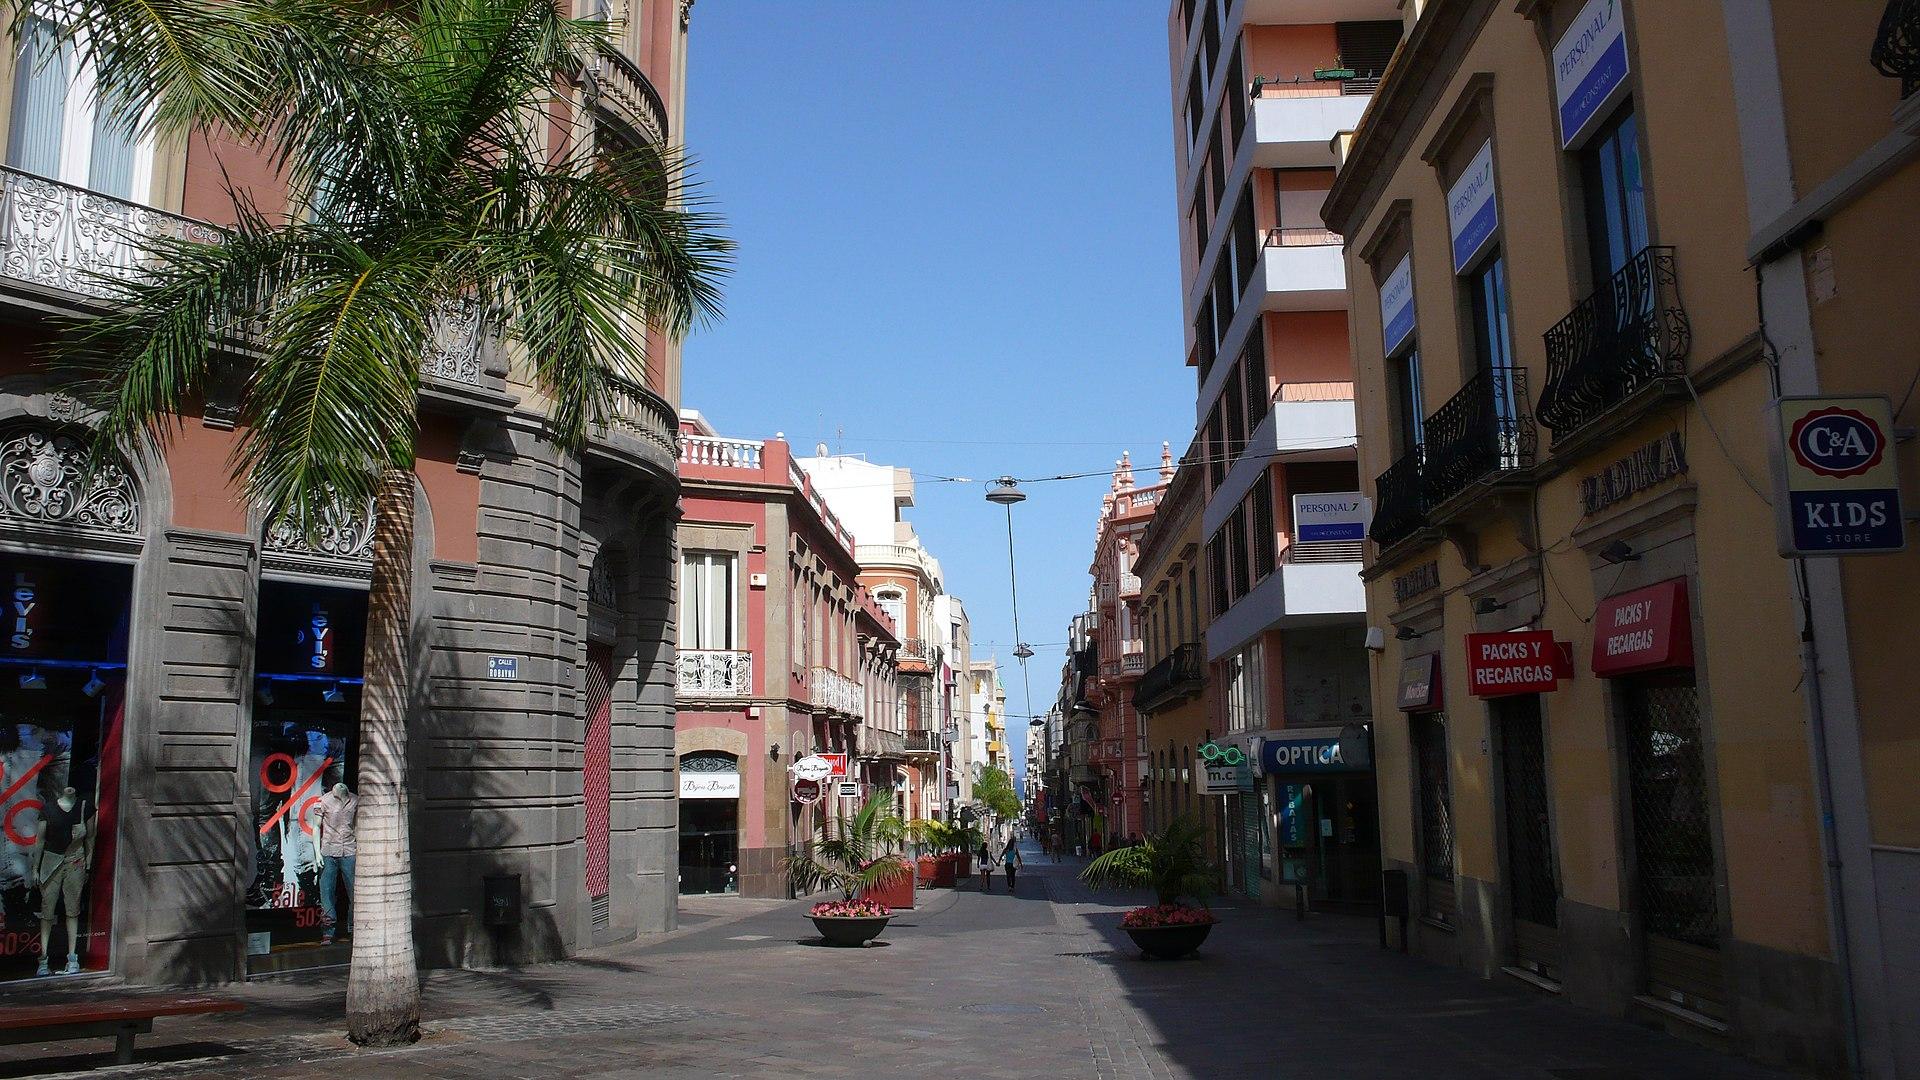 Calle del castillo santa cruz de tenerife wikipedia - Centro comercial del mueble tenerife ...